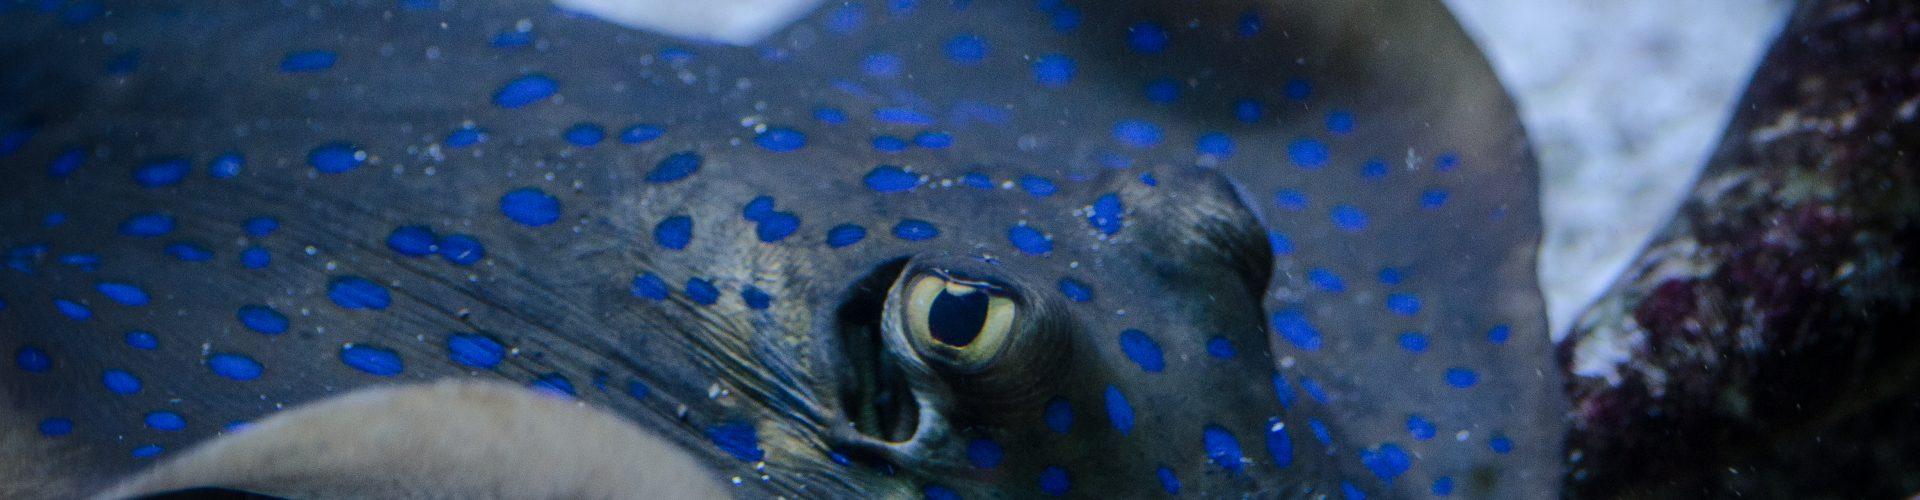 Patelnica niebieskoplama